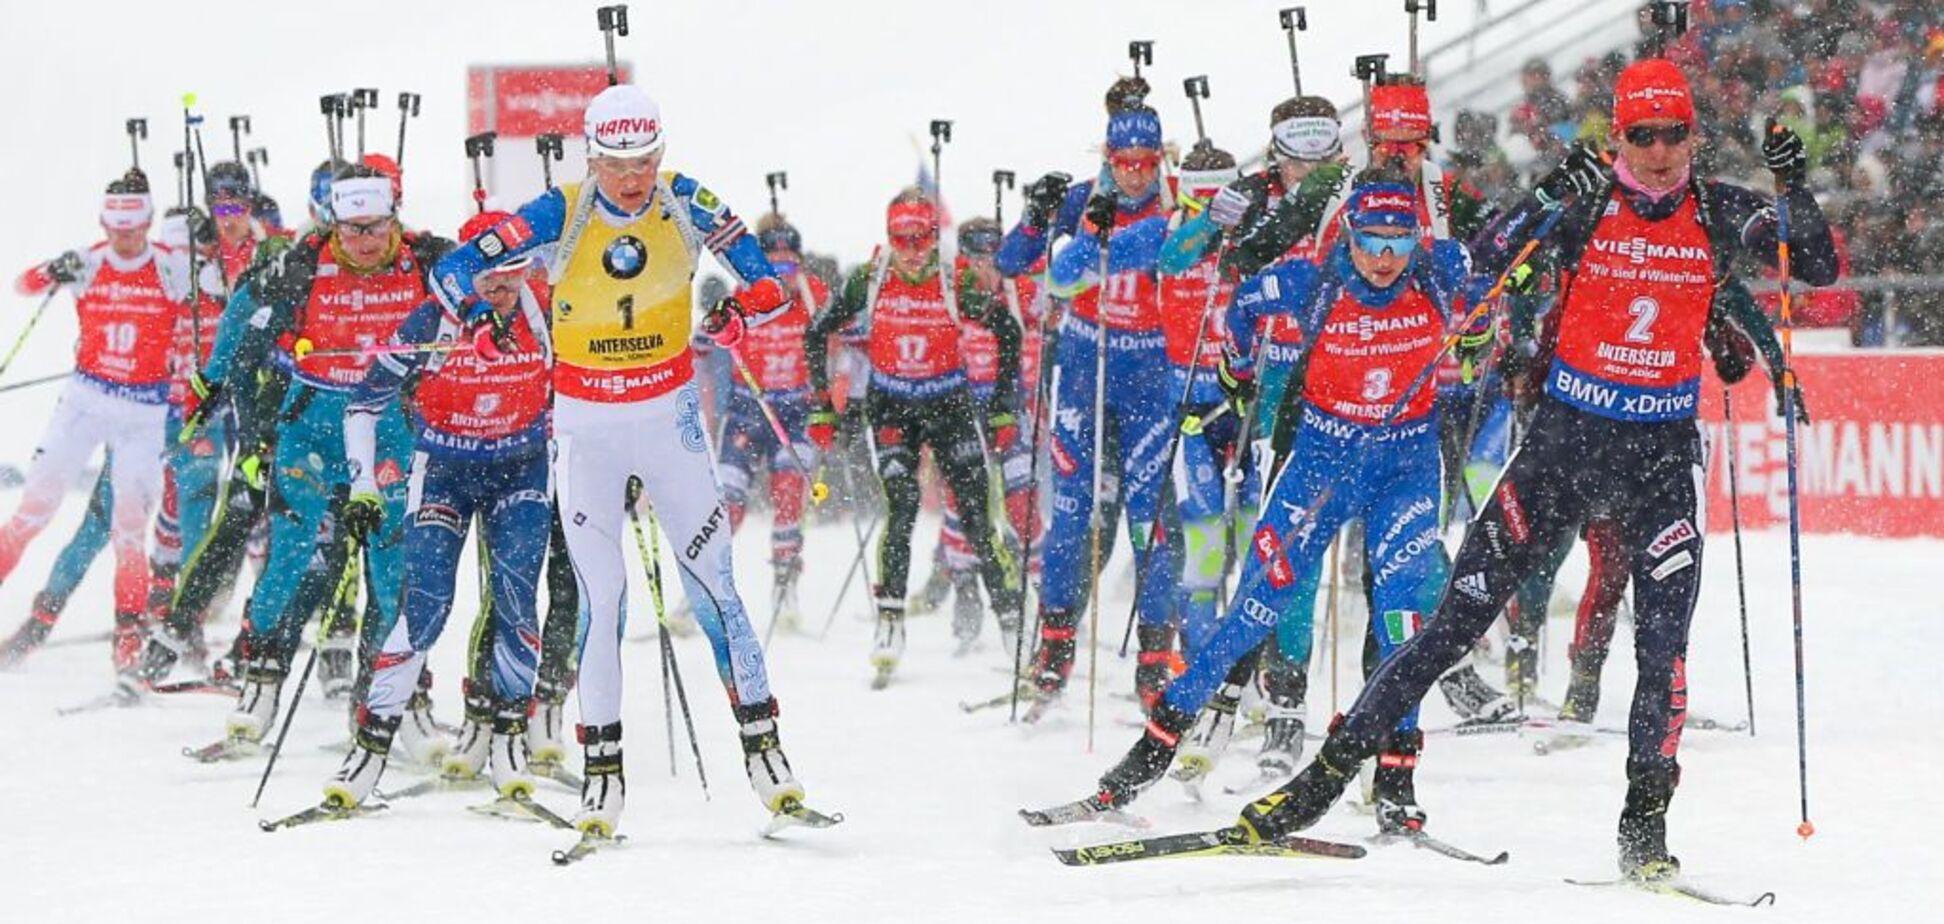 Російські вболівальники погрожують убивством олімпійському чемпіону